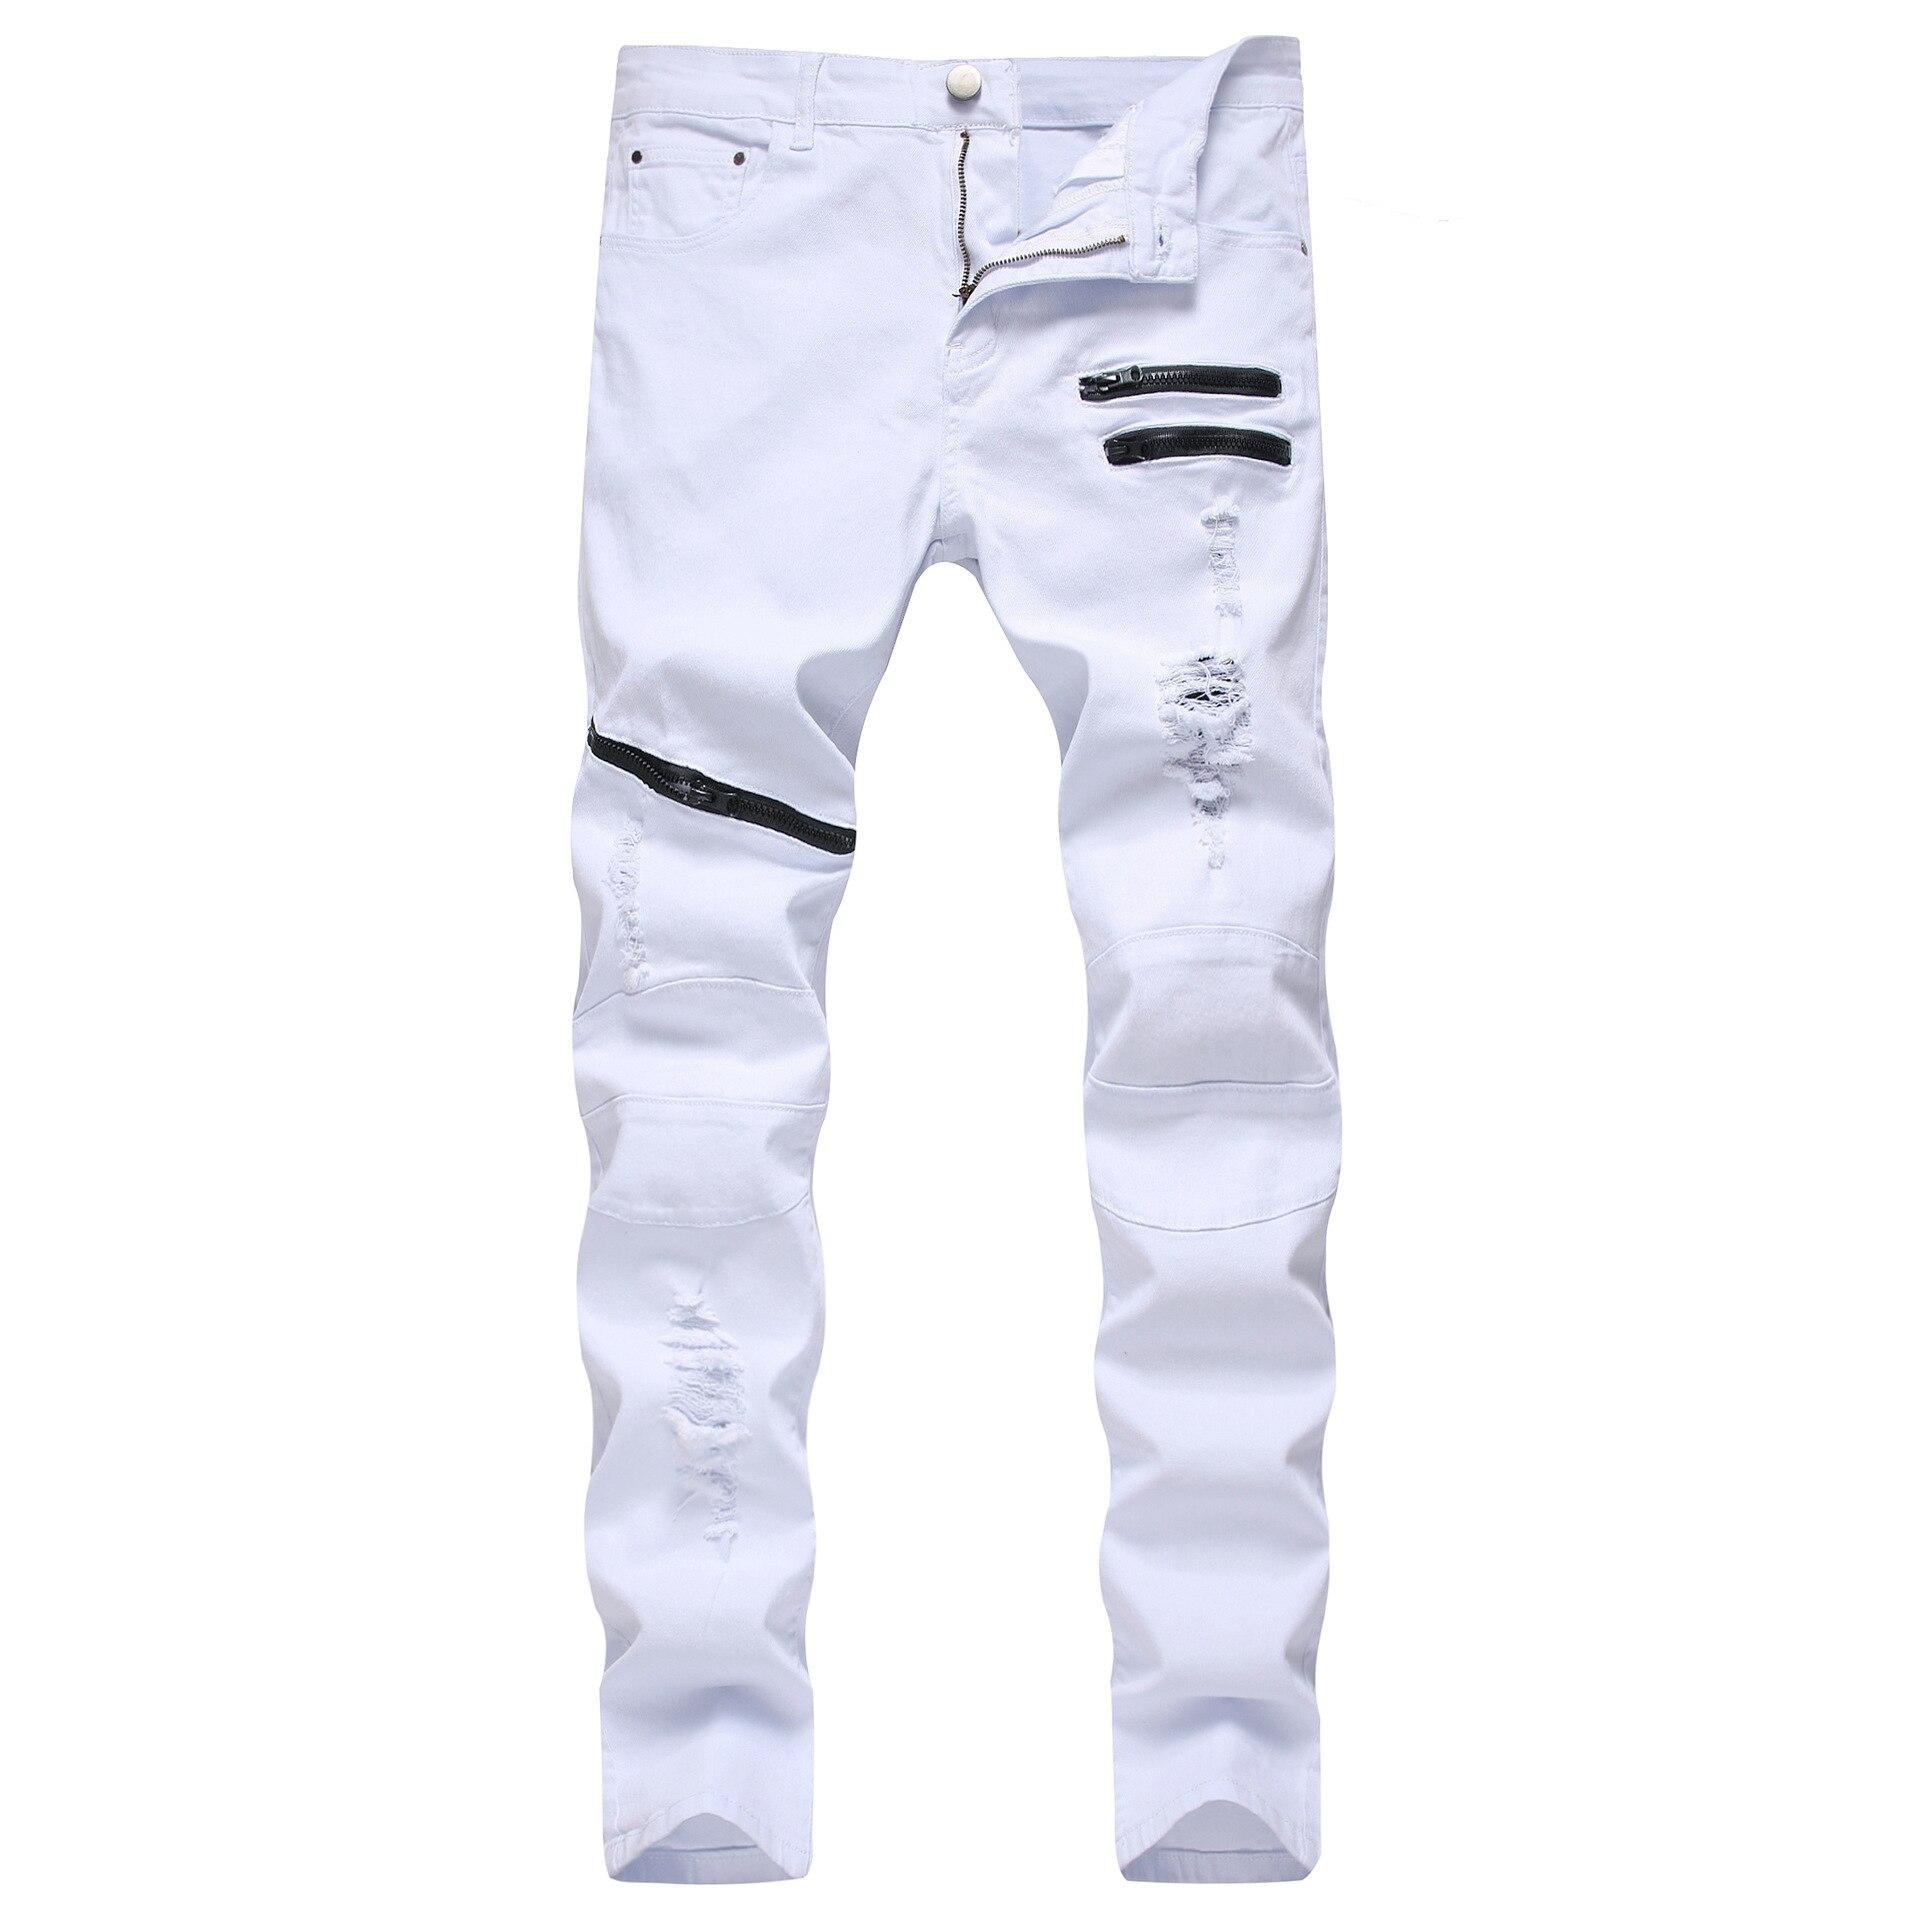 Новые белые мужские джинсы, прямые джинсы на молнии с карманами, мужские брюки, зауженные размера плюс